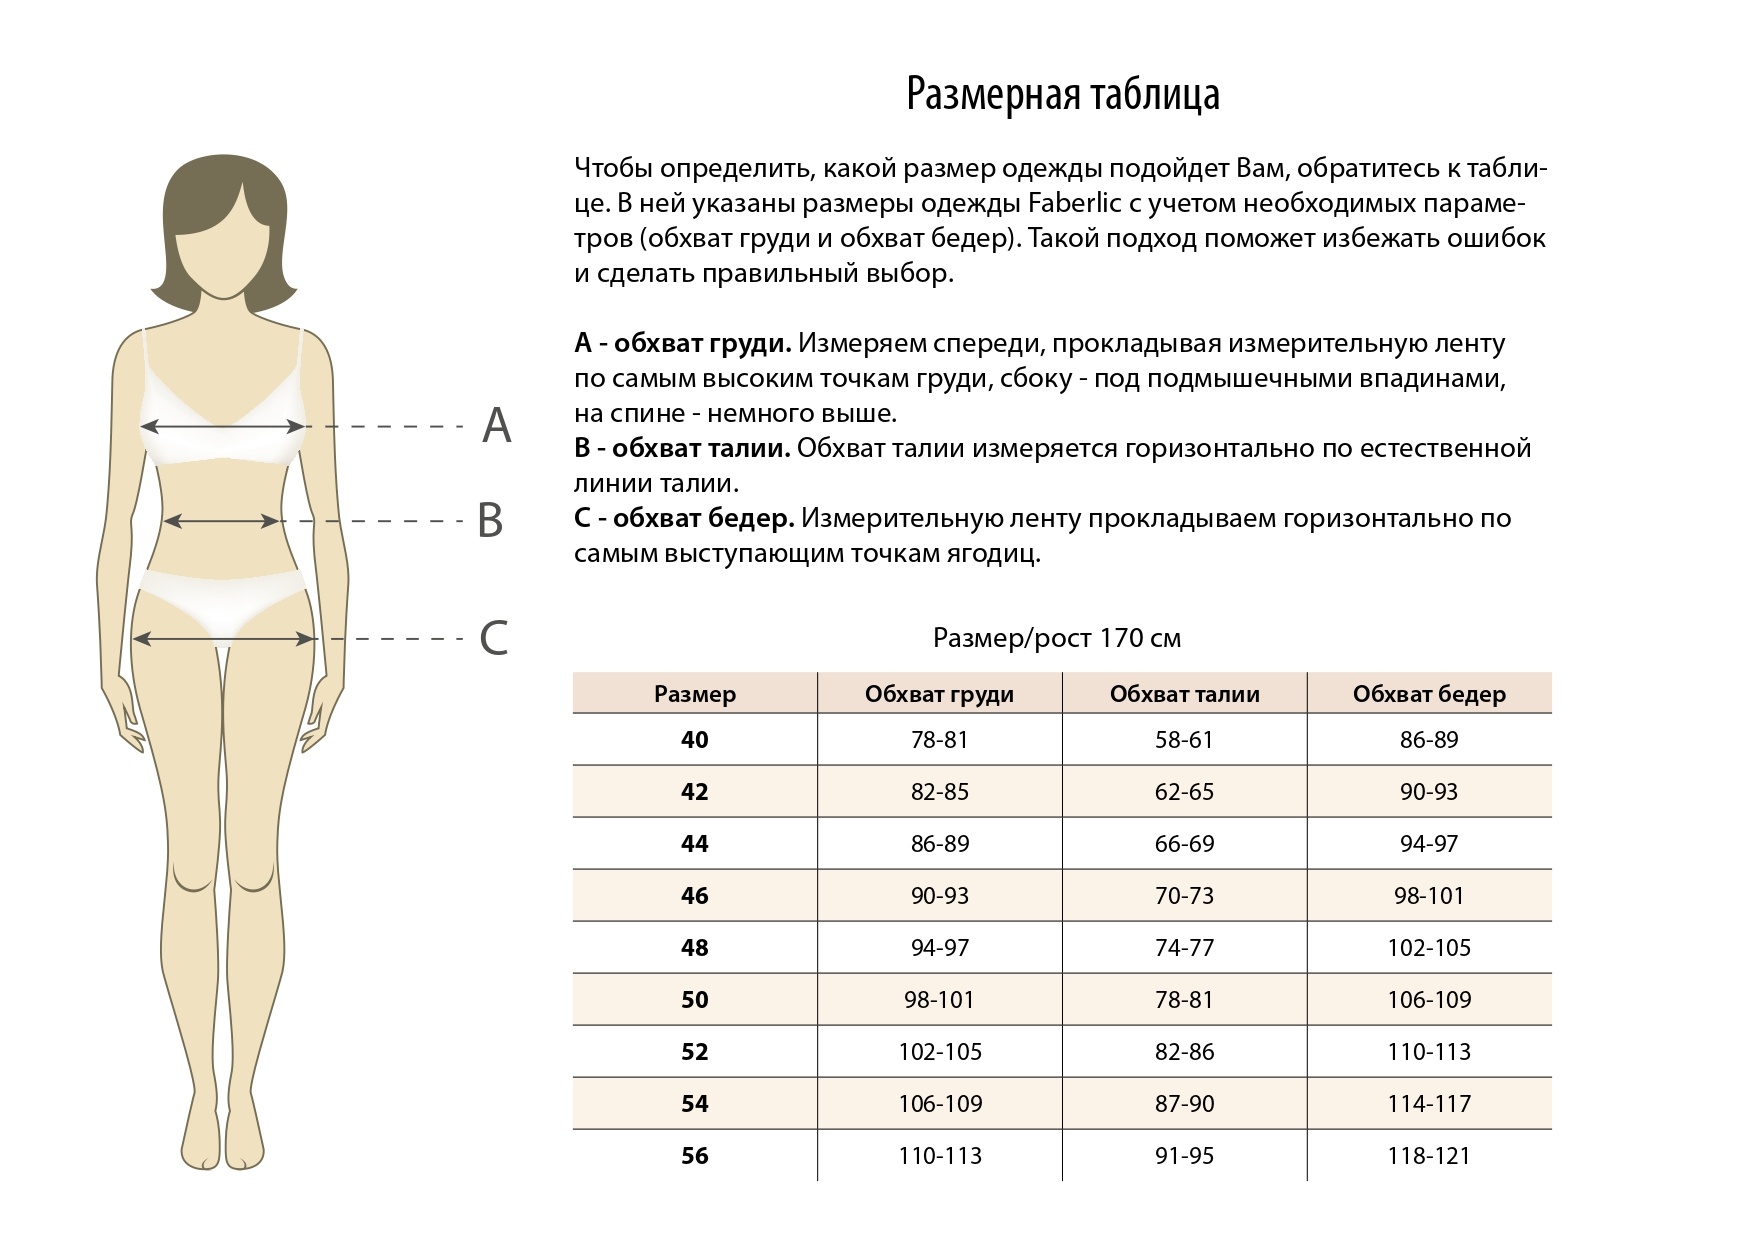 Фаберлик Burmatikov таблица размеров